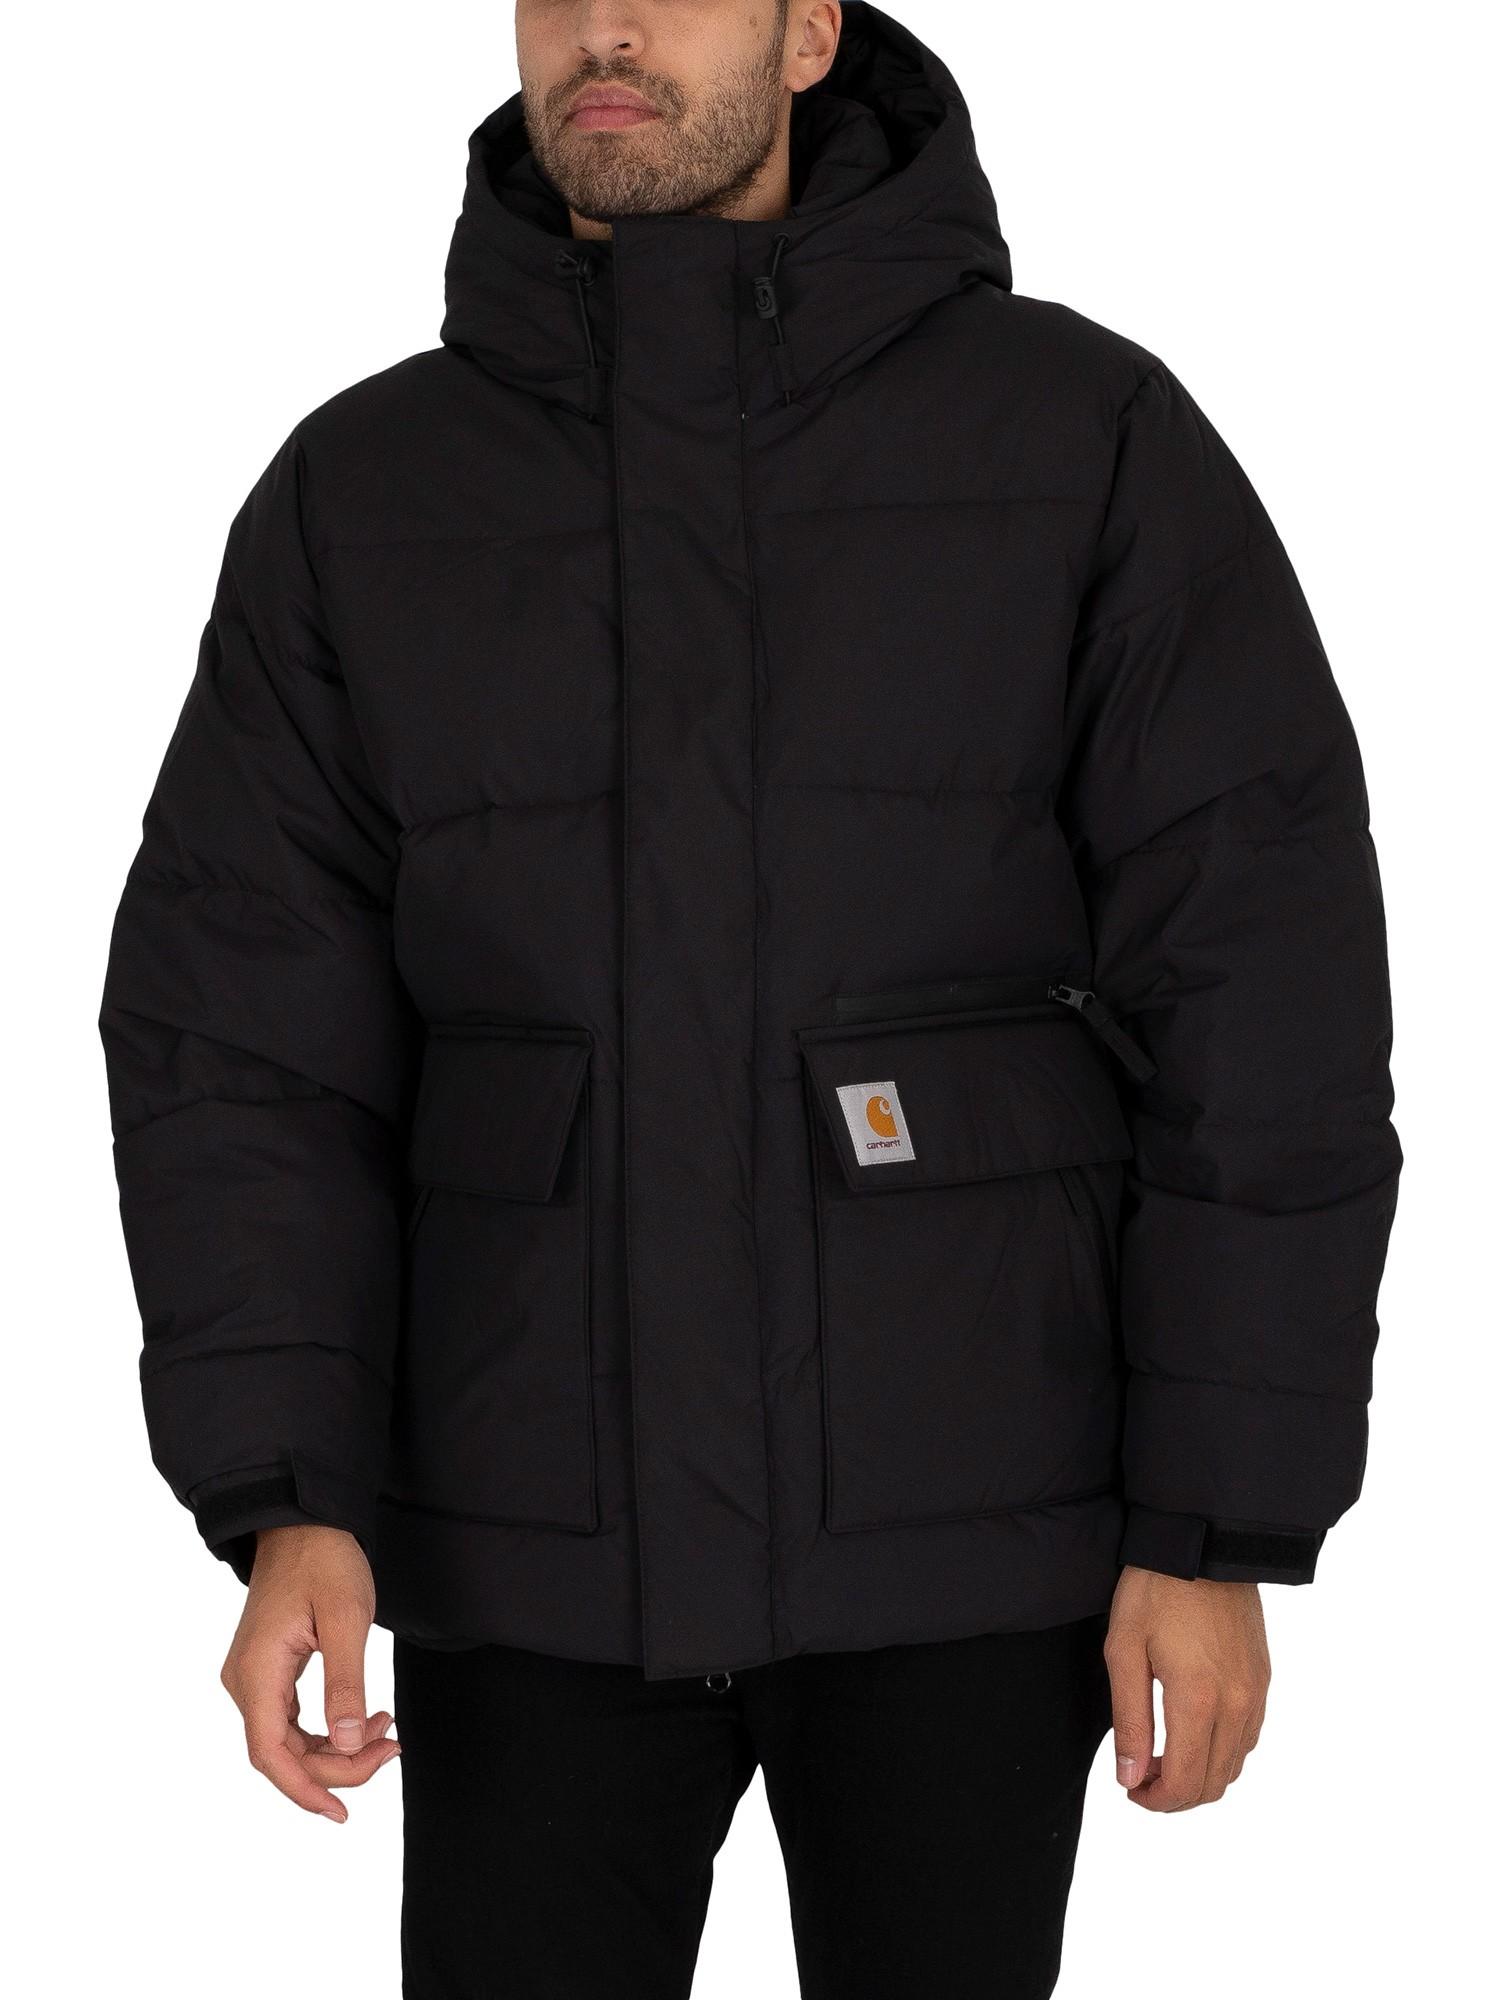 Munro Jacket